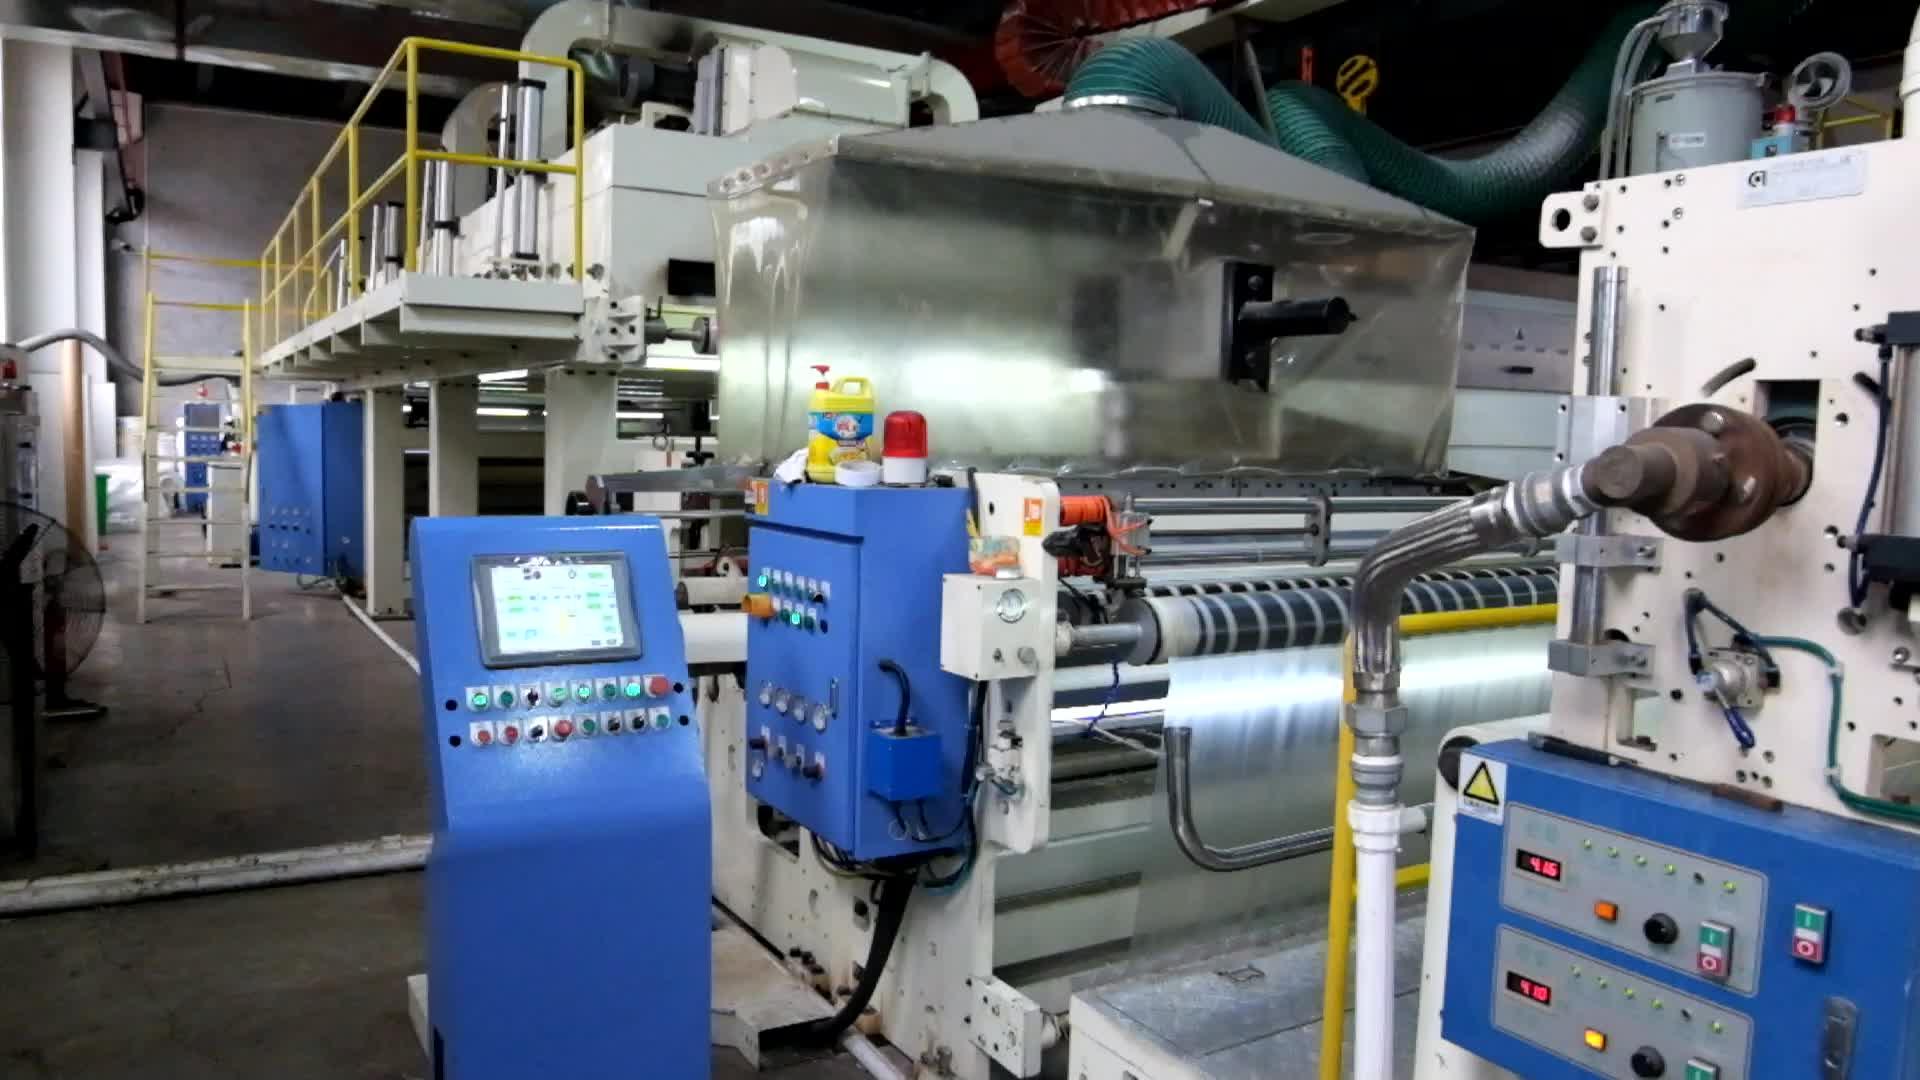 20 mikron Hohe Qualität pre-beschichtet eva kleber BOPP Thermische Laminierung Film (glossy & matte) für verpackung Papier Tasche